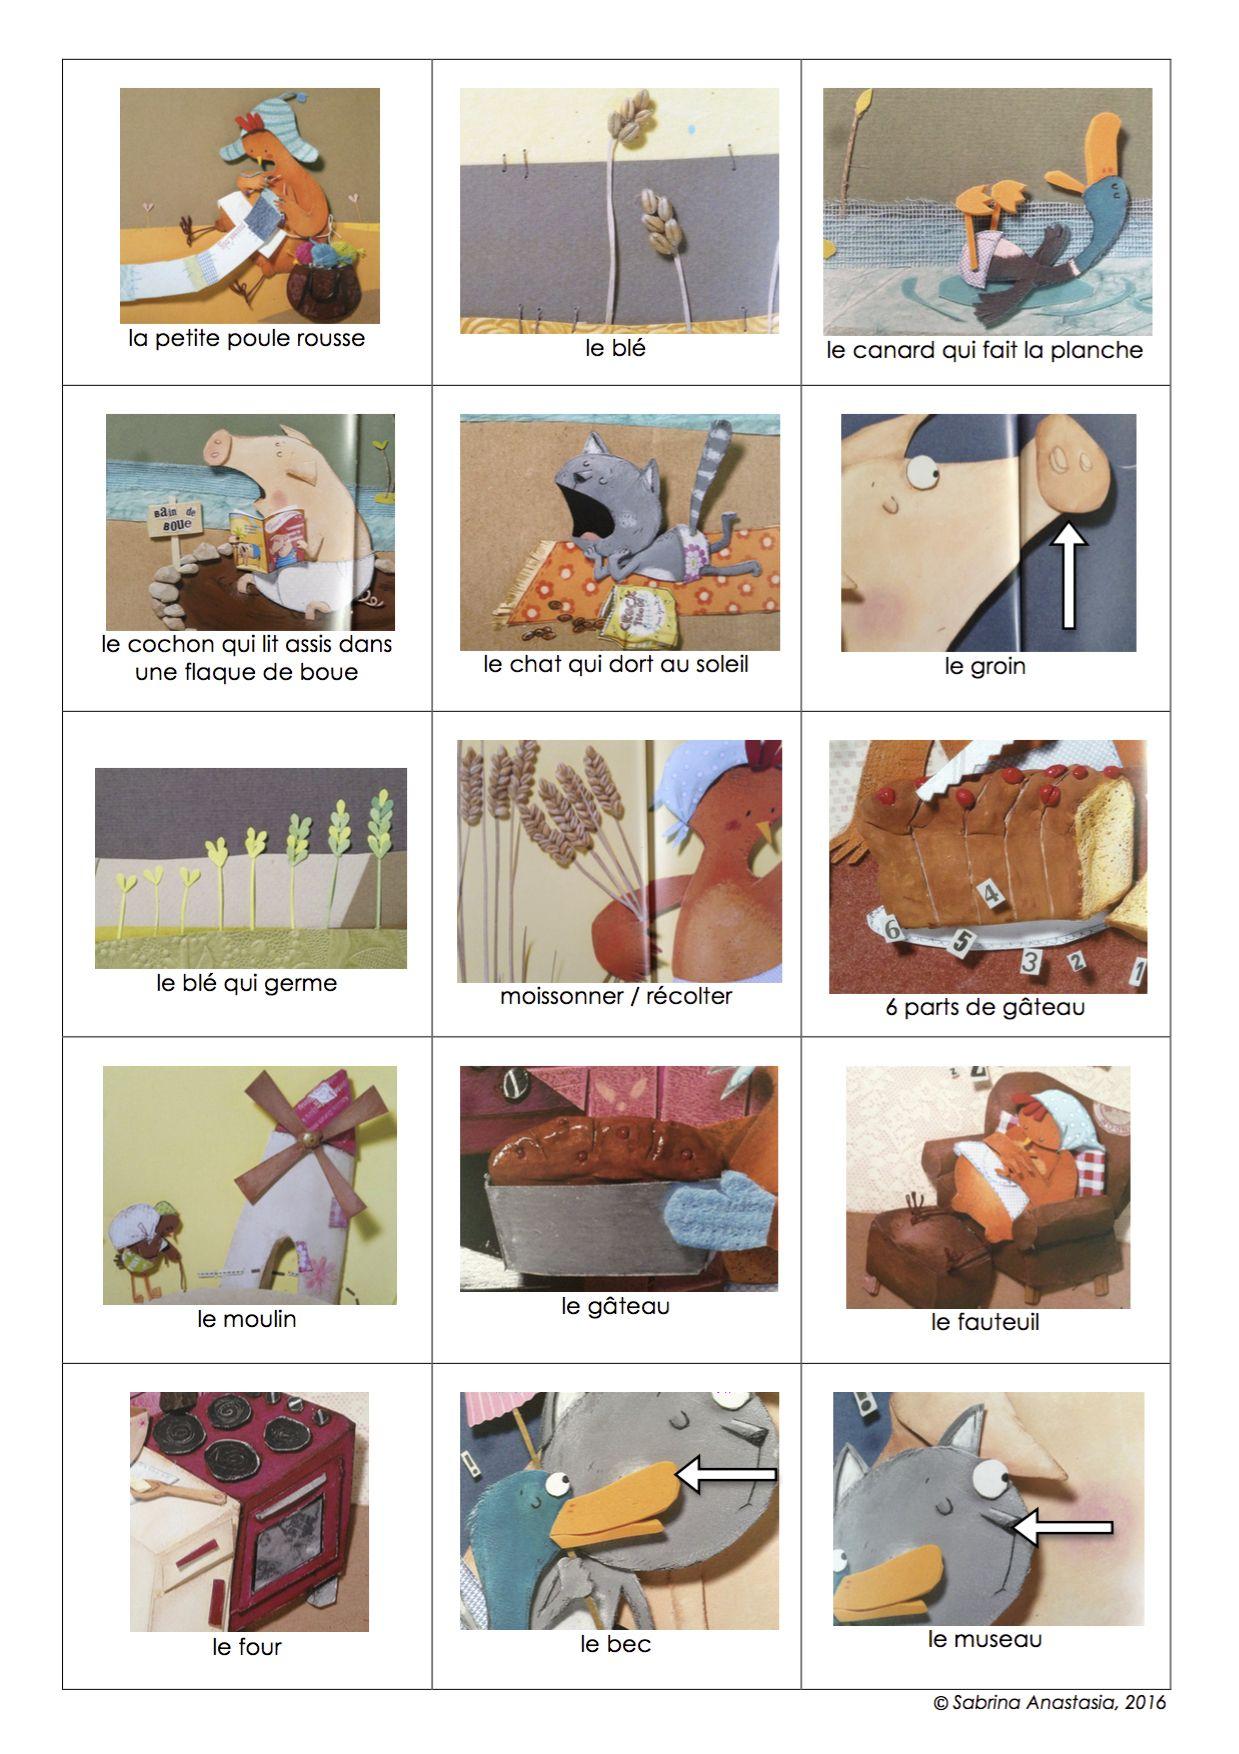 La Petite Poule Rousse Images Séquentielles : petite, poule, rousse, images, séquentielles, Petite, Poule, Rousse,, Pierre, Delye:, Cartes, Pouvant, Servir, Mémory, Cadre, L'apprentissage, No…